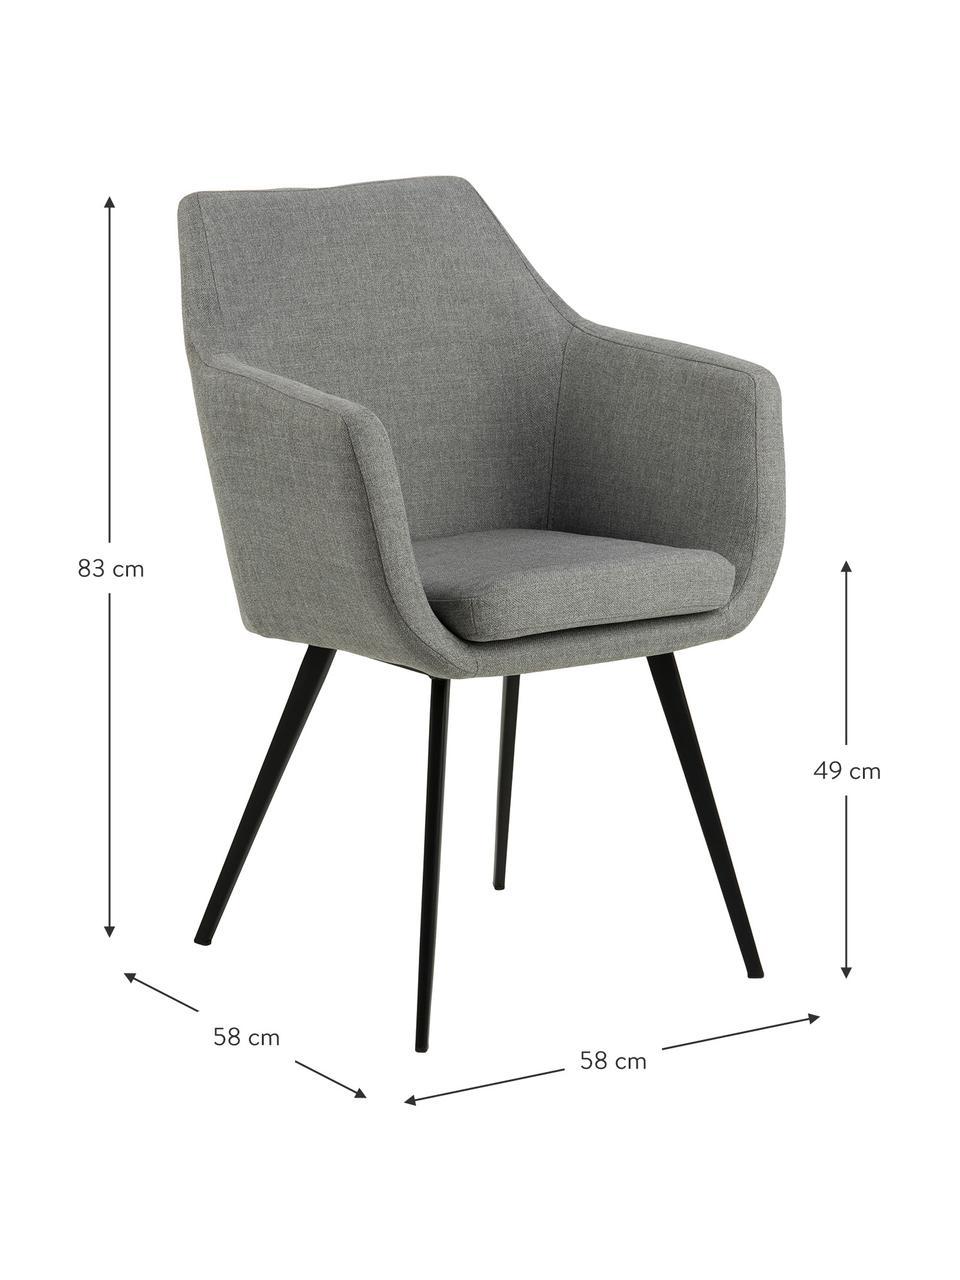 Krzesło z podłokietnikami Nora, Tapicerka: 100% poliester Dzięki tka, Nogi: metal powlekany, Jasny szary, czarny, S 58 x G 58 cm